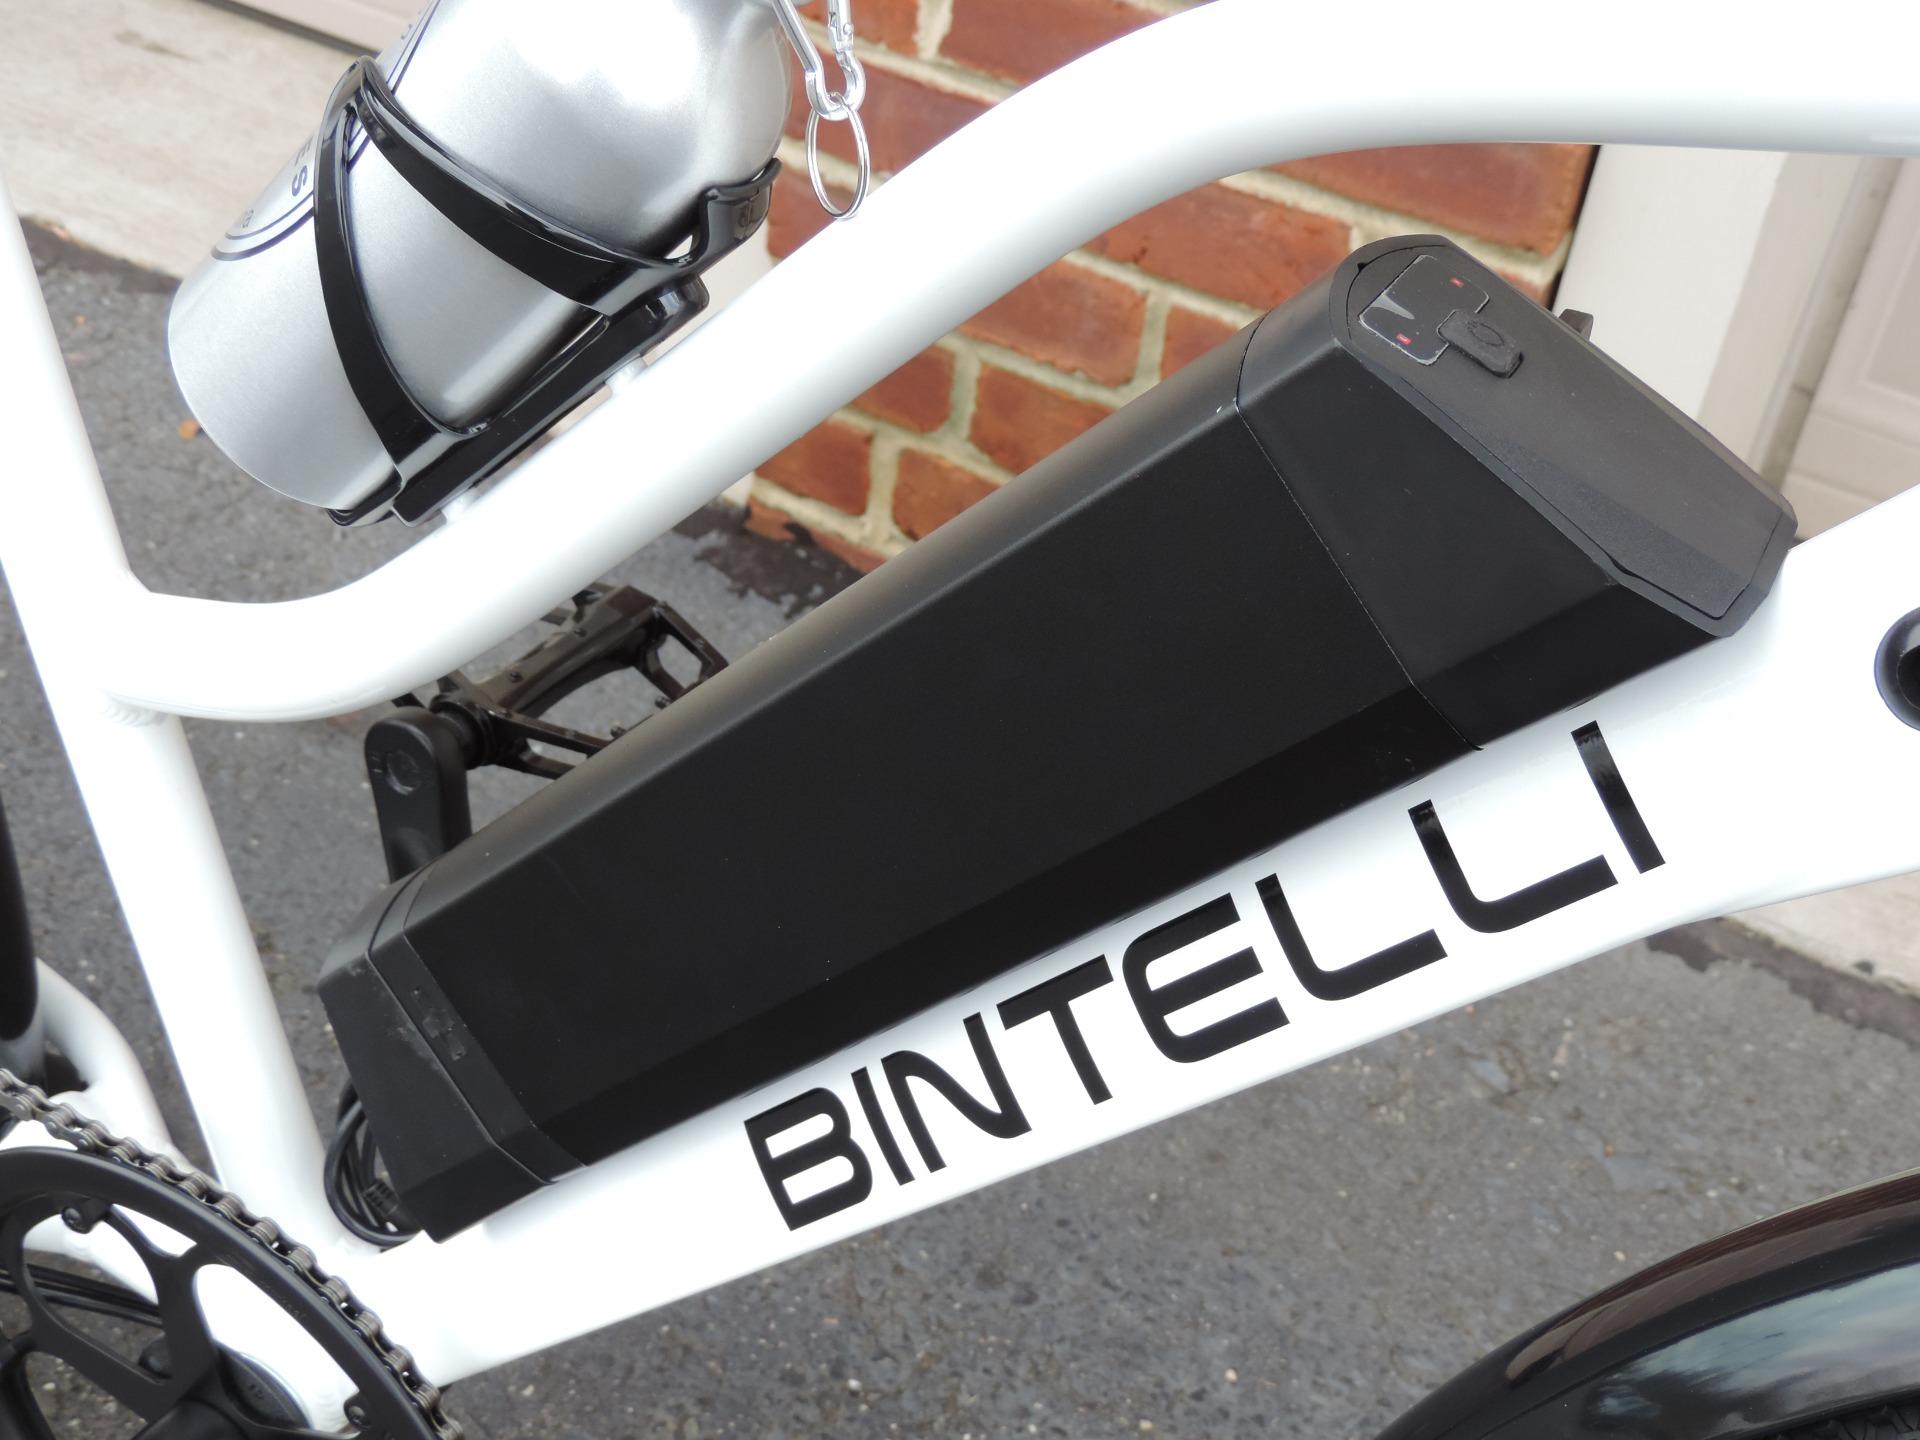 New-2019-Bintelli-B1-Electric-Beach-Cruiser